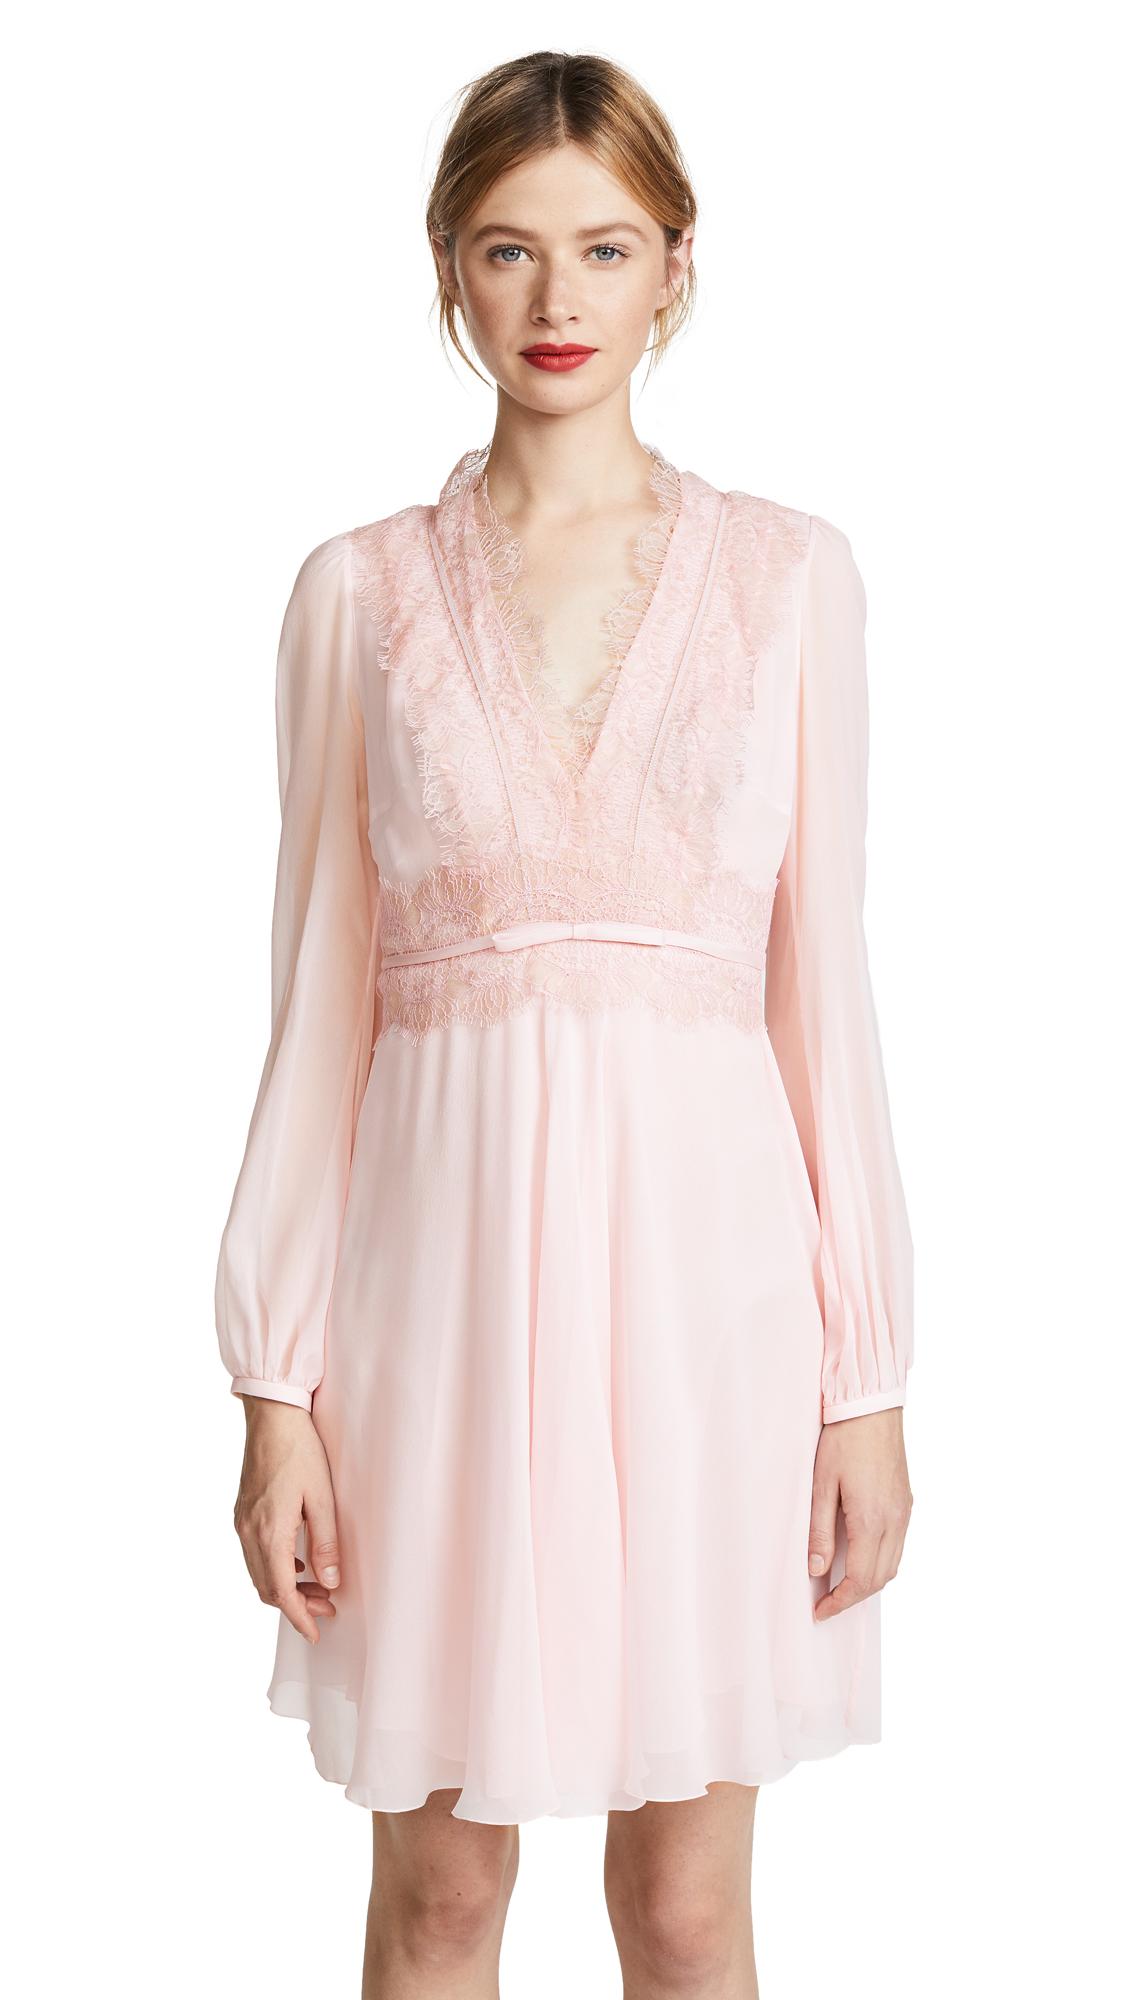 Giambattista Valli Lace Trim Mini Dress